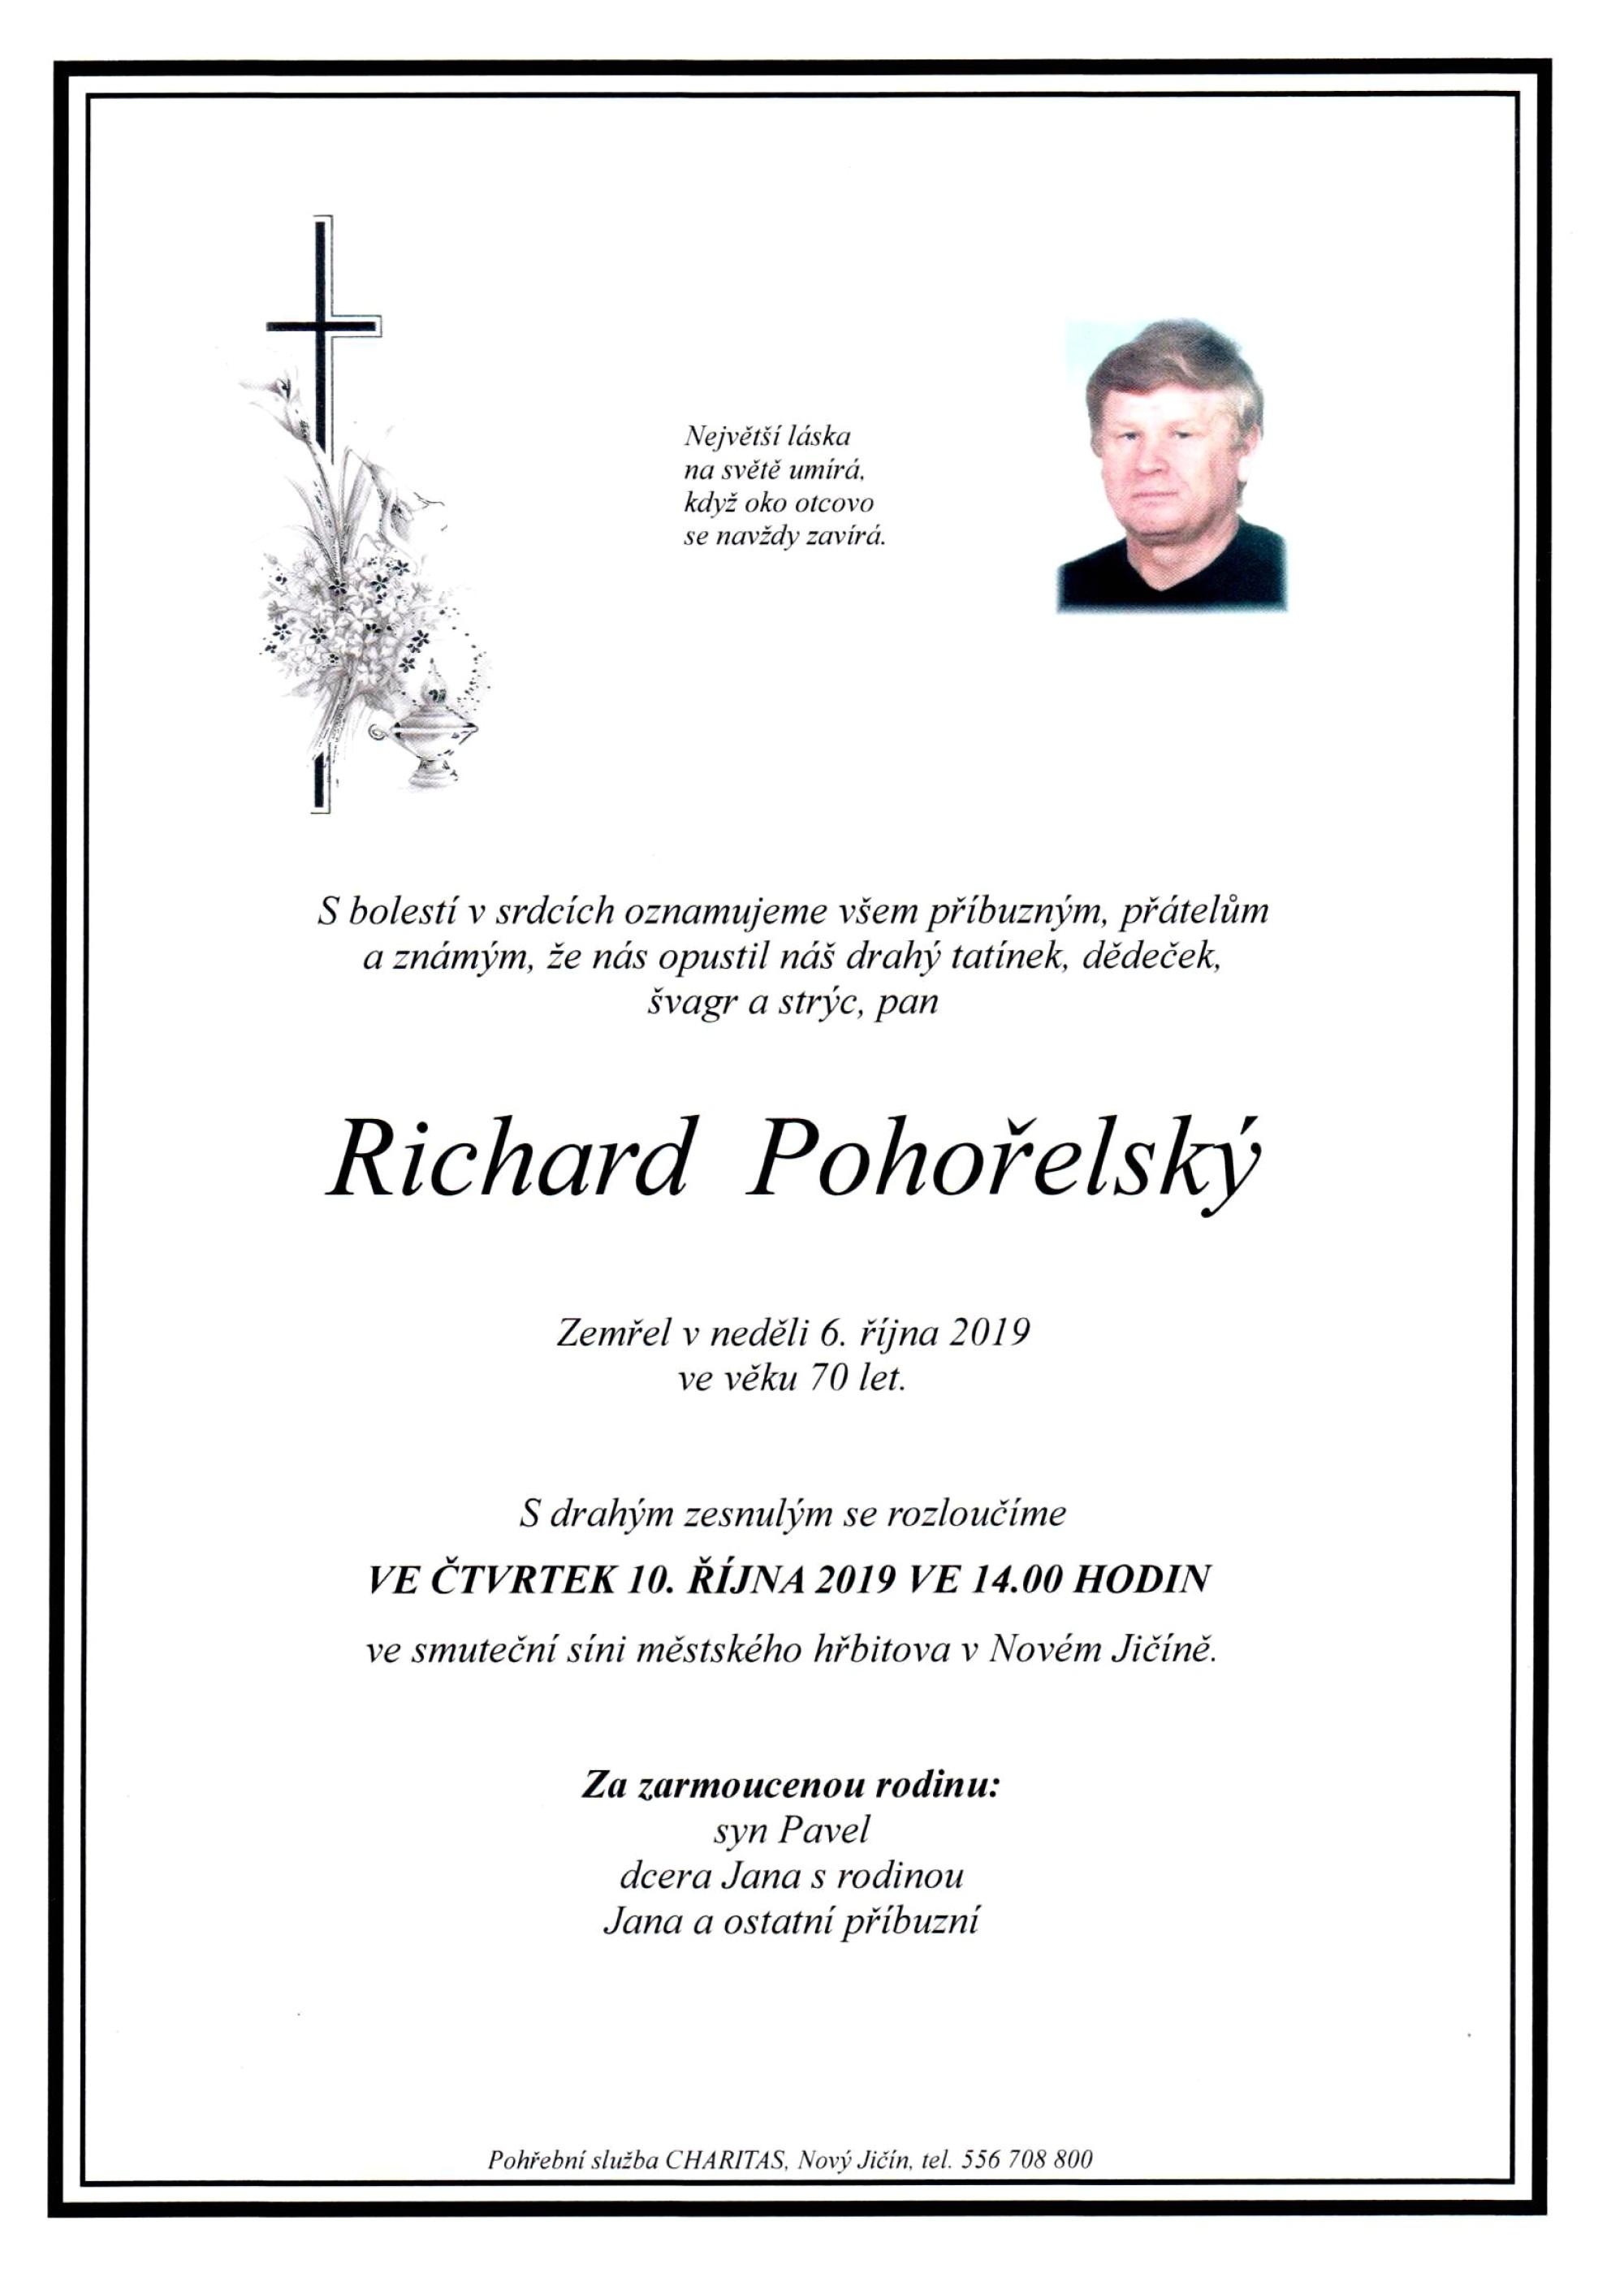 Richard Pohořelský